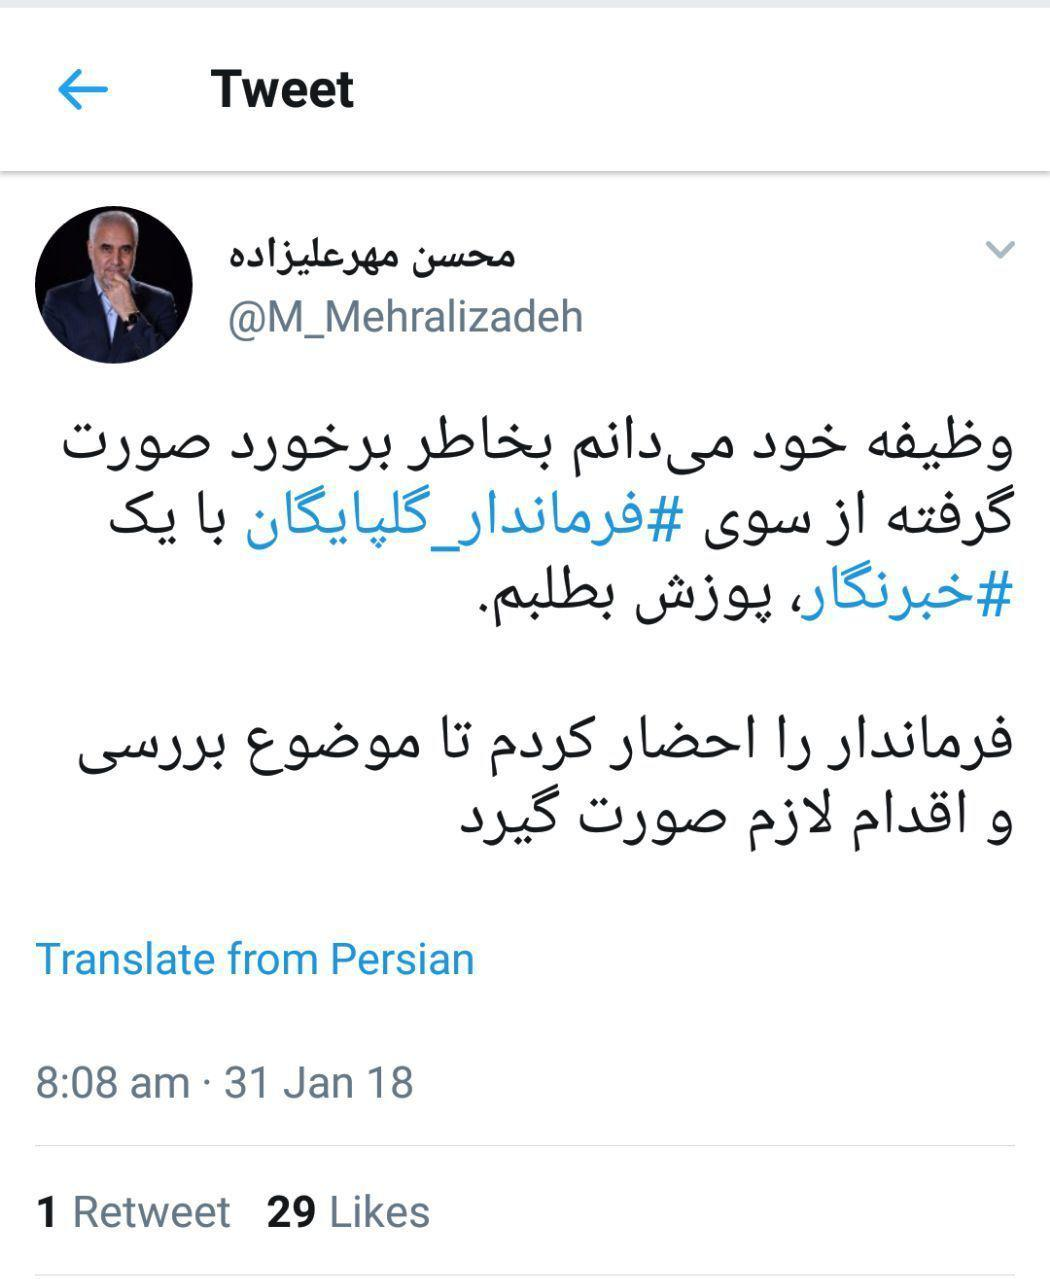 عذرخواهی استاندار اصفهان بهخاطر رفتار فرماندار گلپایگان با یک خبرنگار